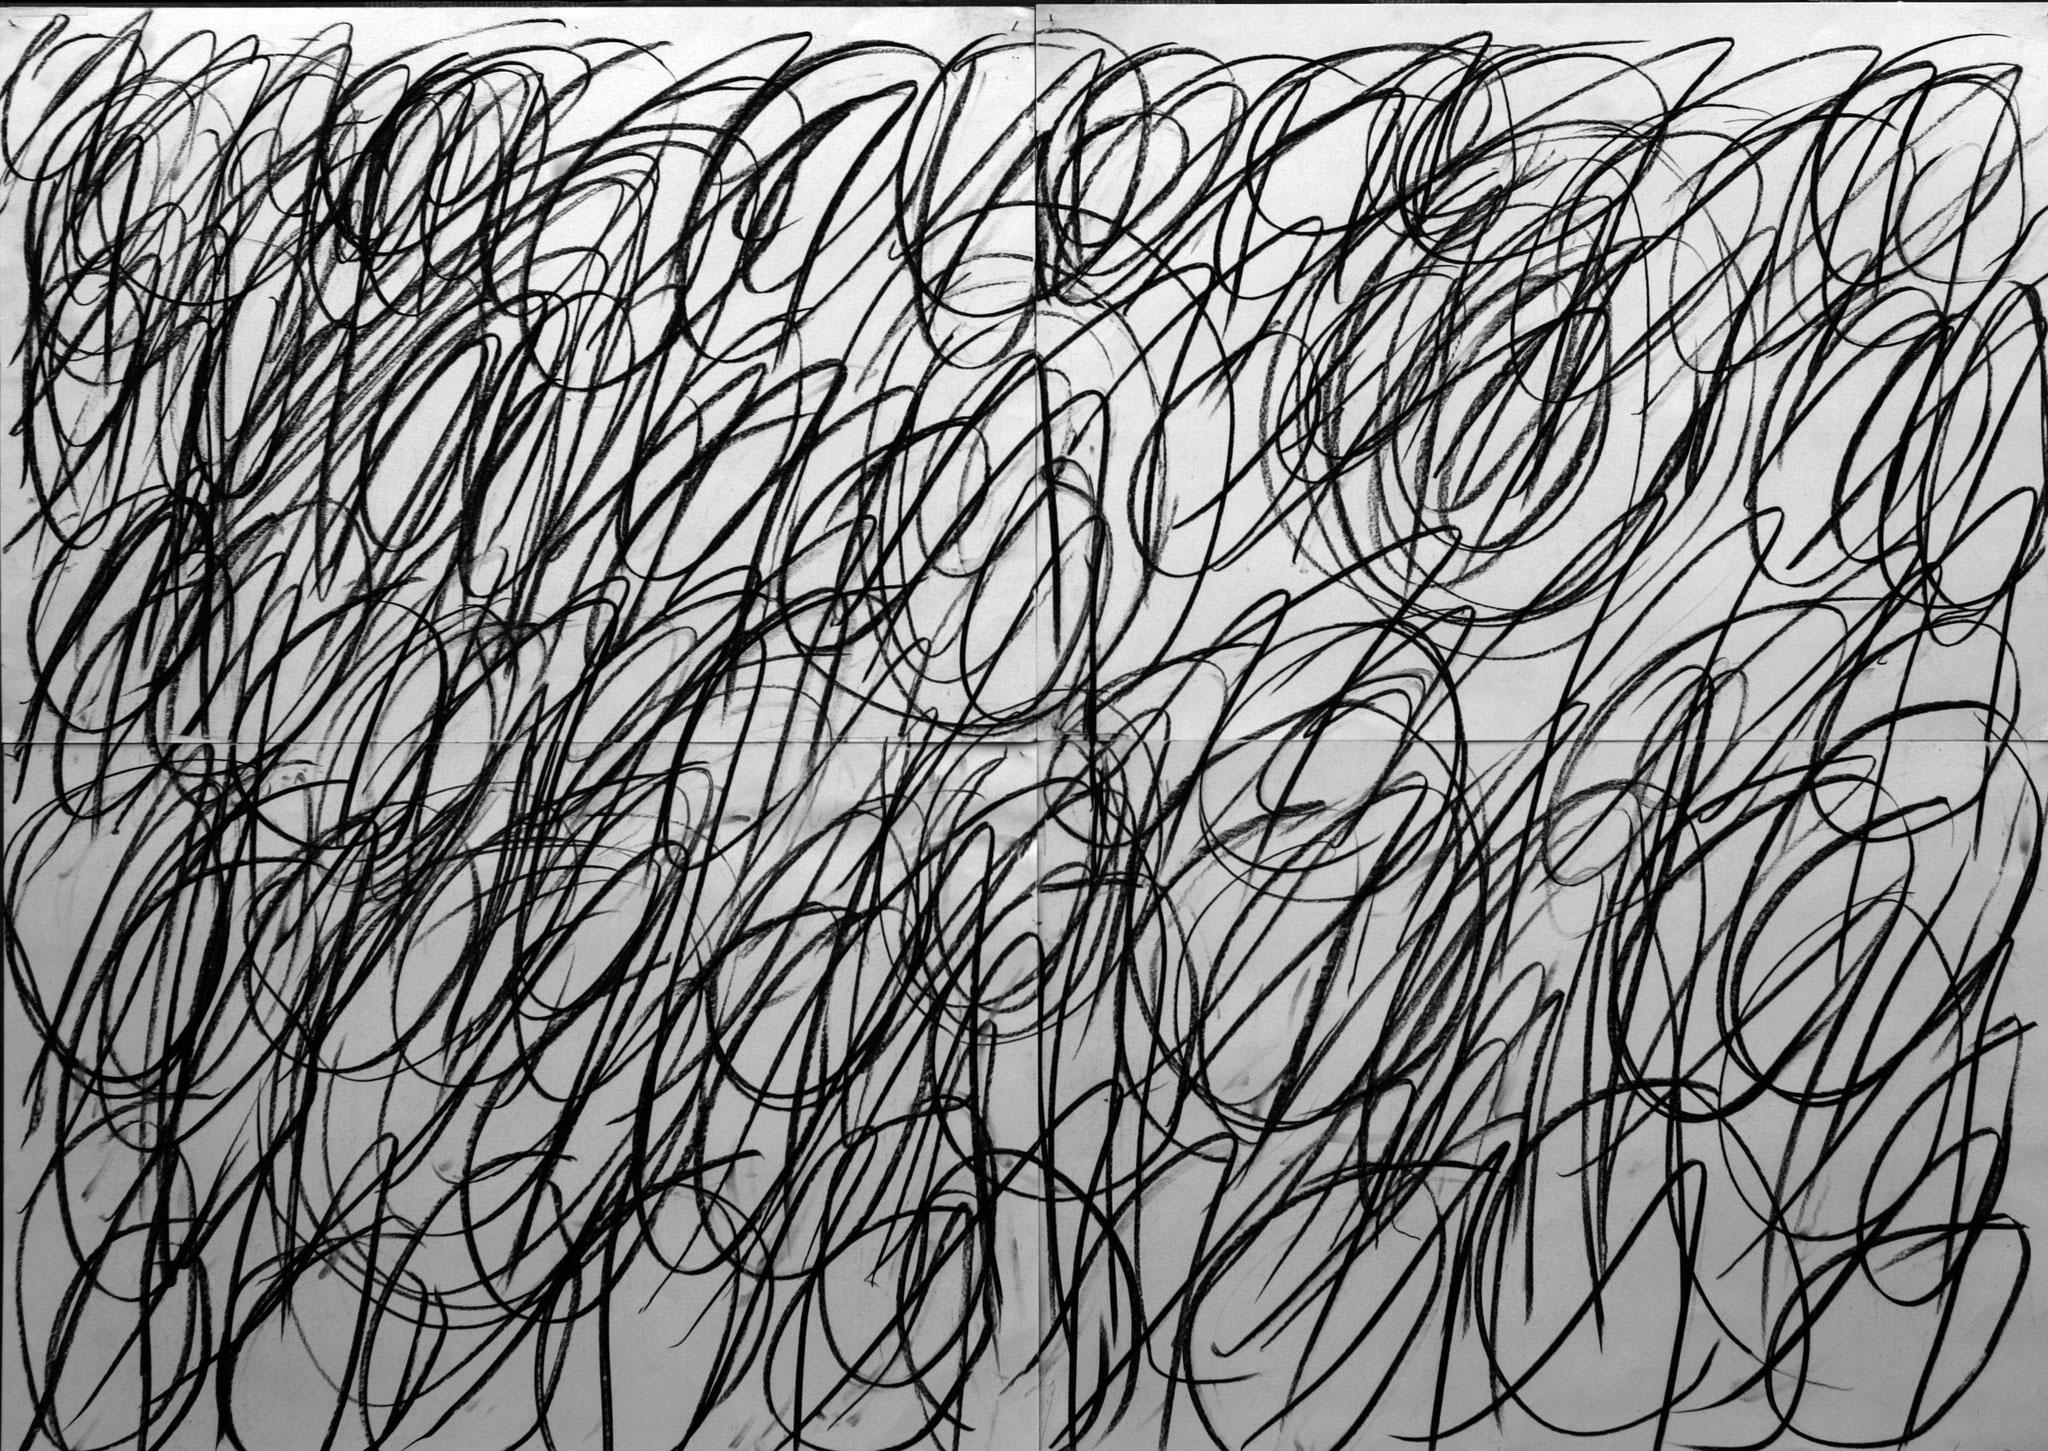 binär x 4 II - 2016 - Kohle auf Papier - 100 x 140 cm (4-teilig)